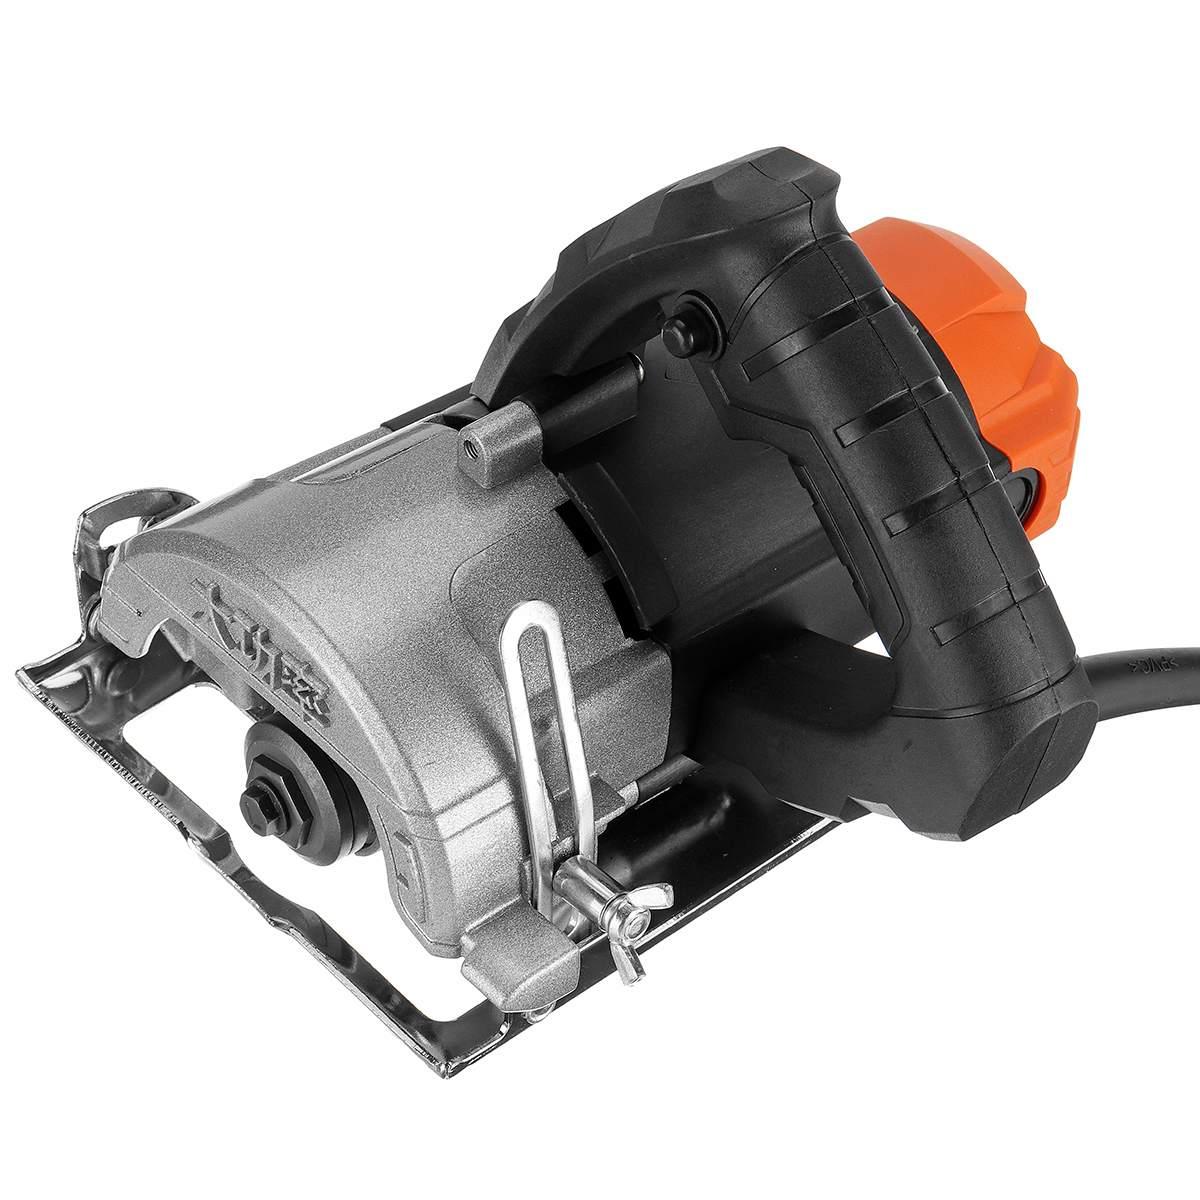 1180W moteurs de scie électrique 110mm lame 13000 tr/min haute vitesse bois métal portable Machine de découpe fil scie céramique marbre carrelage outil - 5